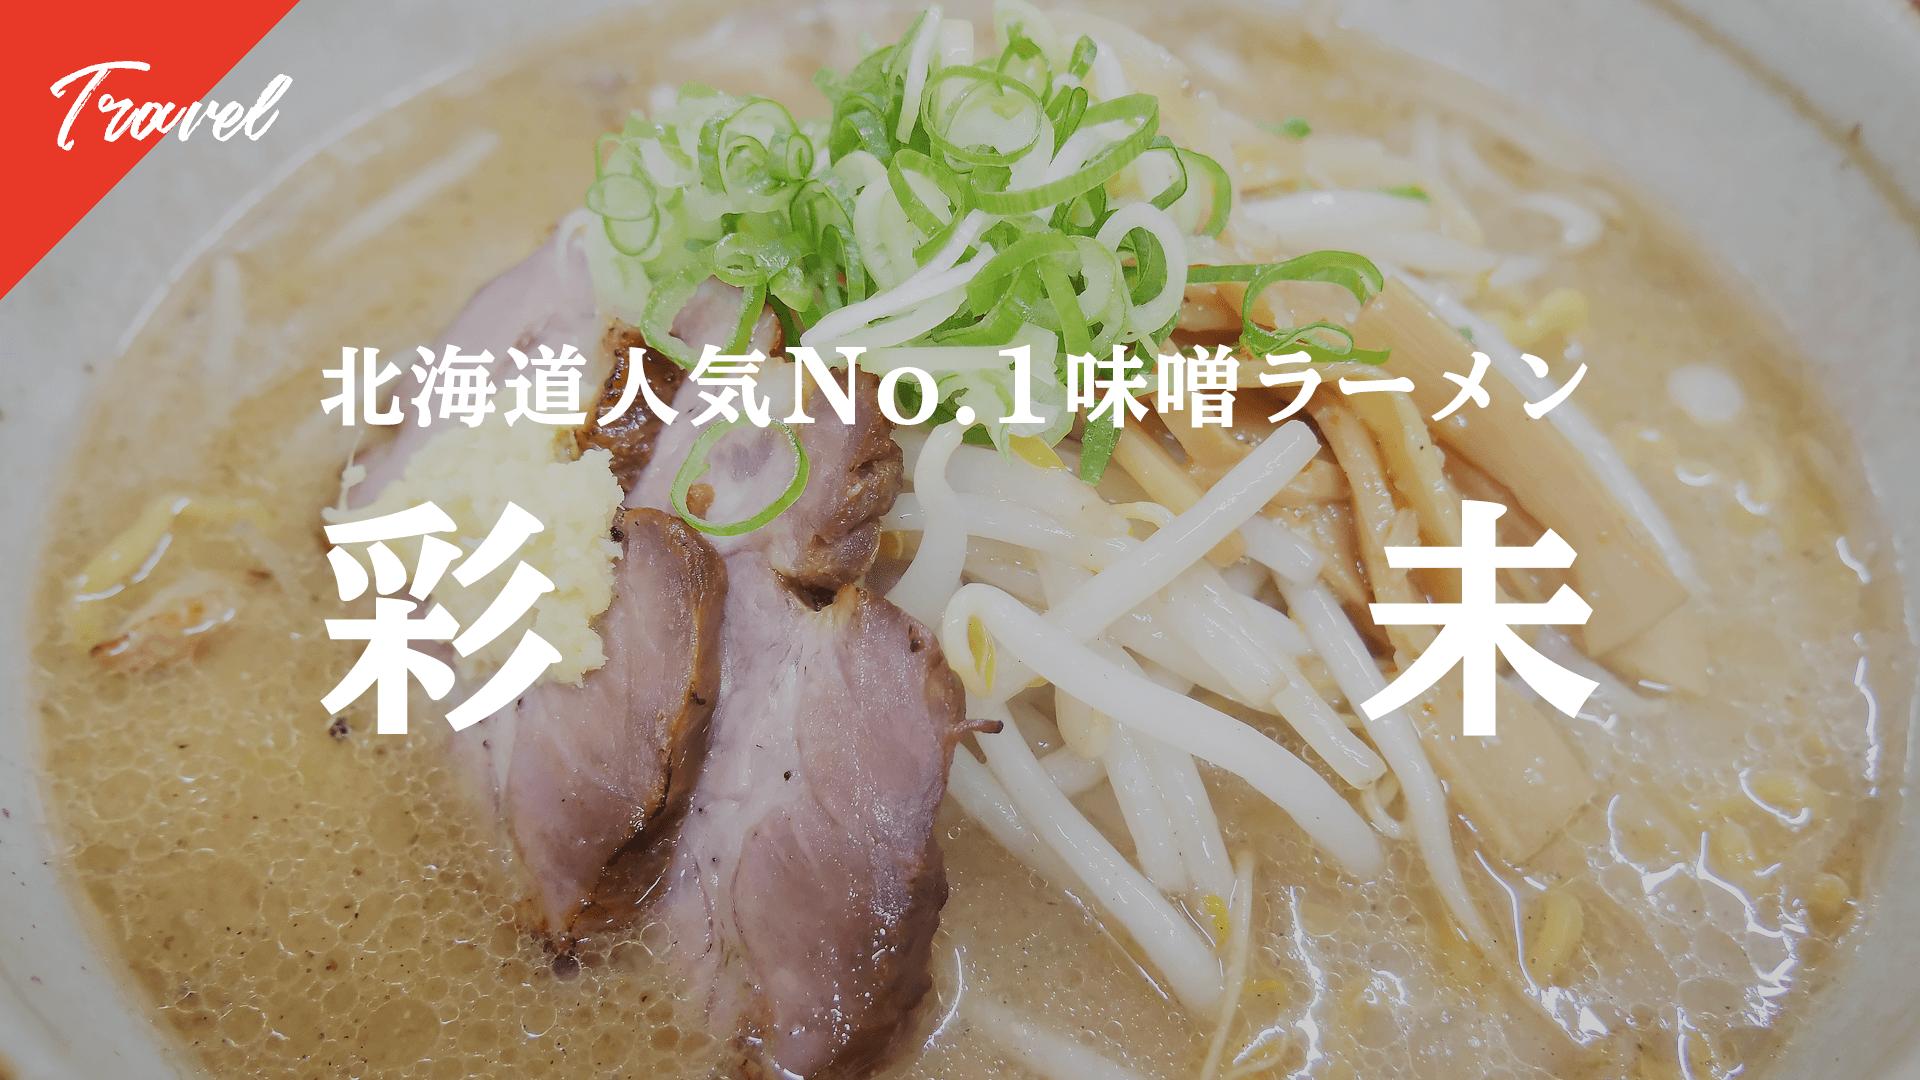 【北海道旅行シリーズ②】北海道No.1味噌ラーメンといわれる人気店「彩未」へ行ってみた。